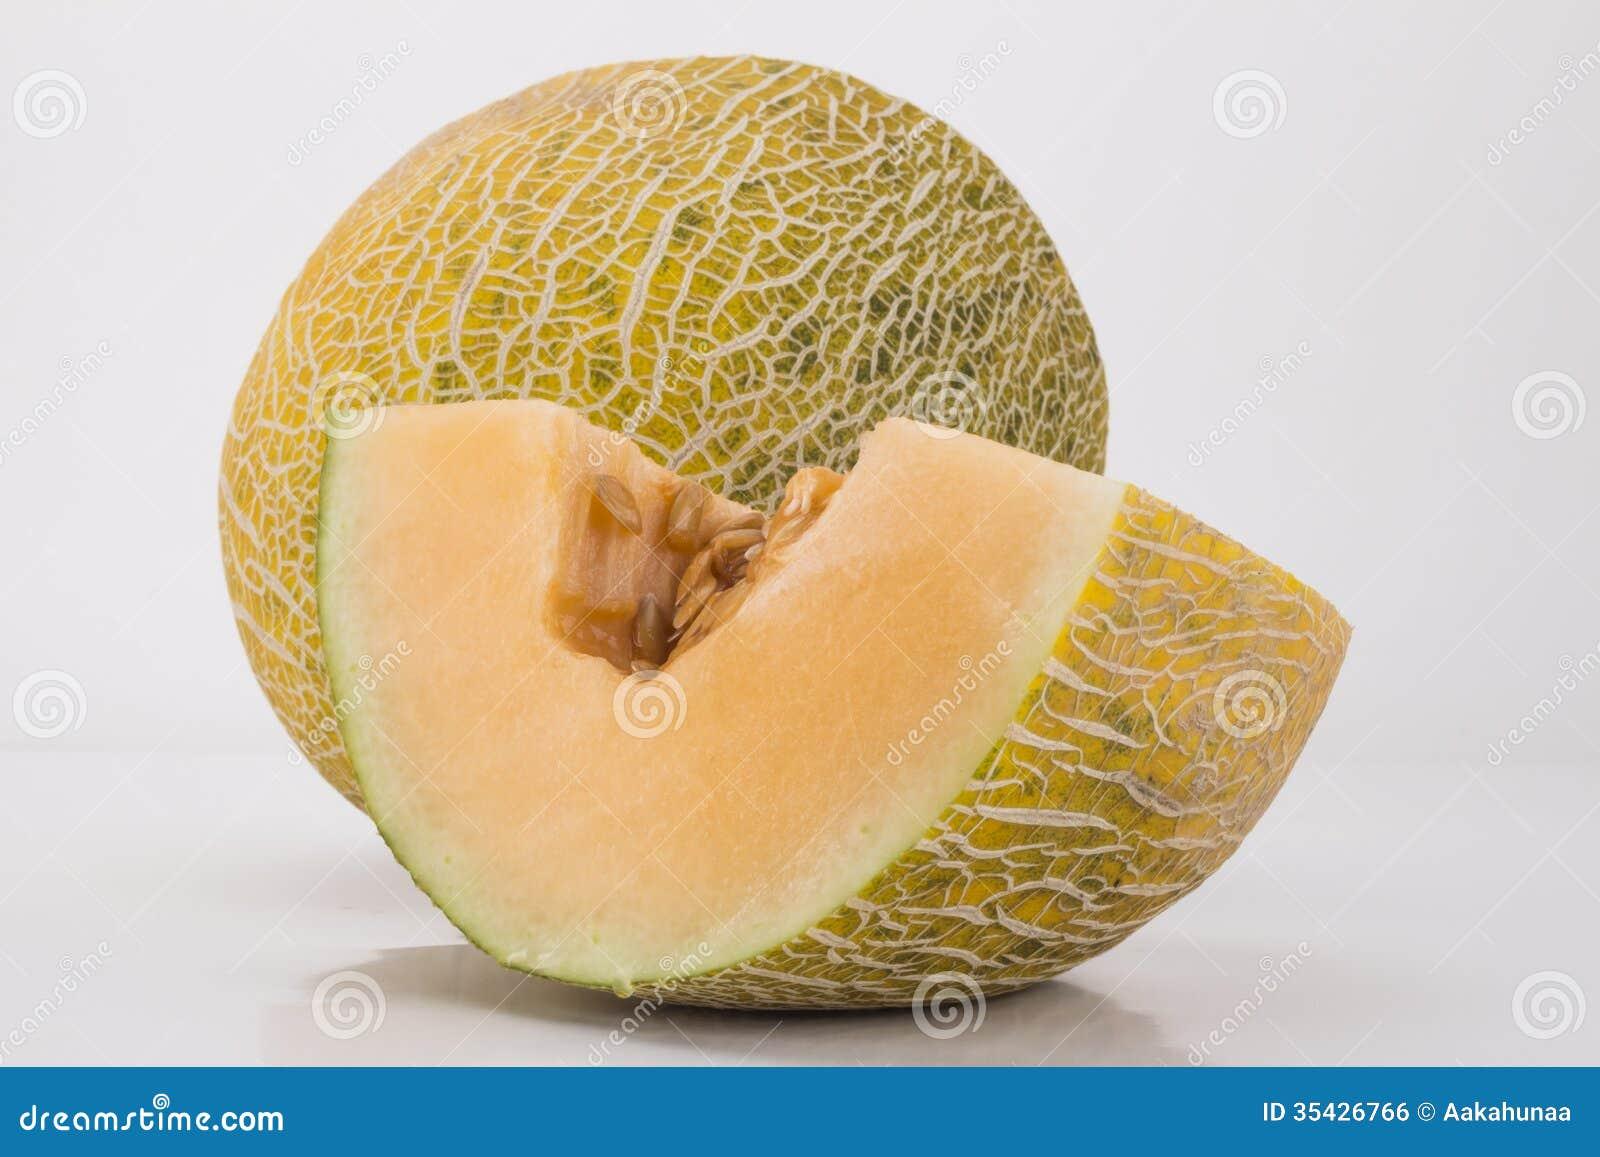 Cut the hami melon